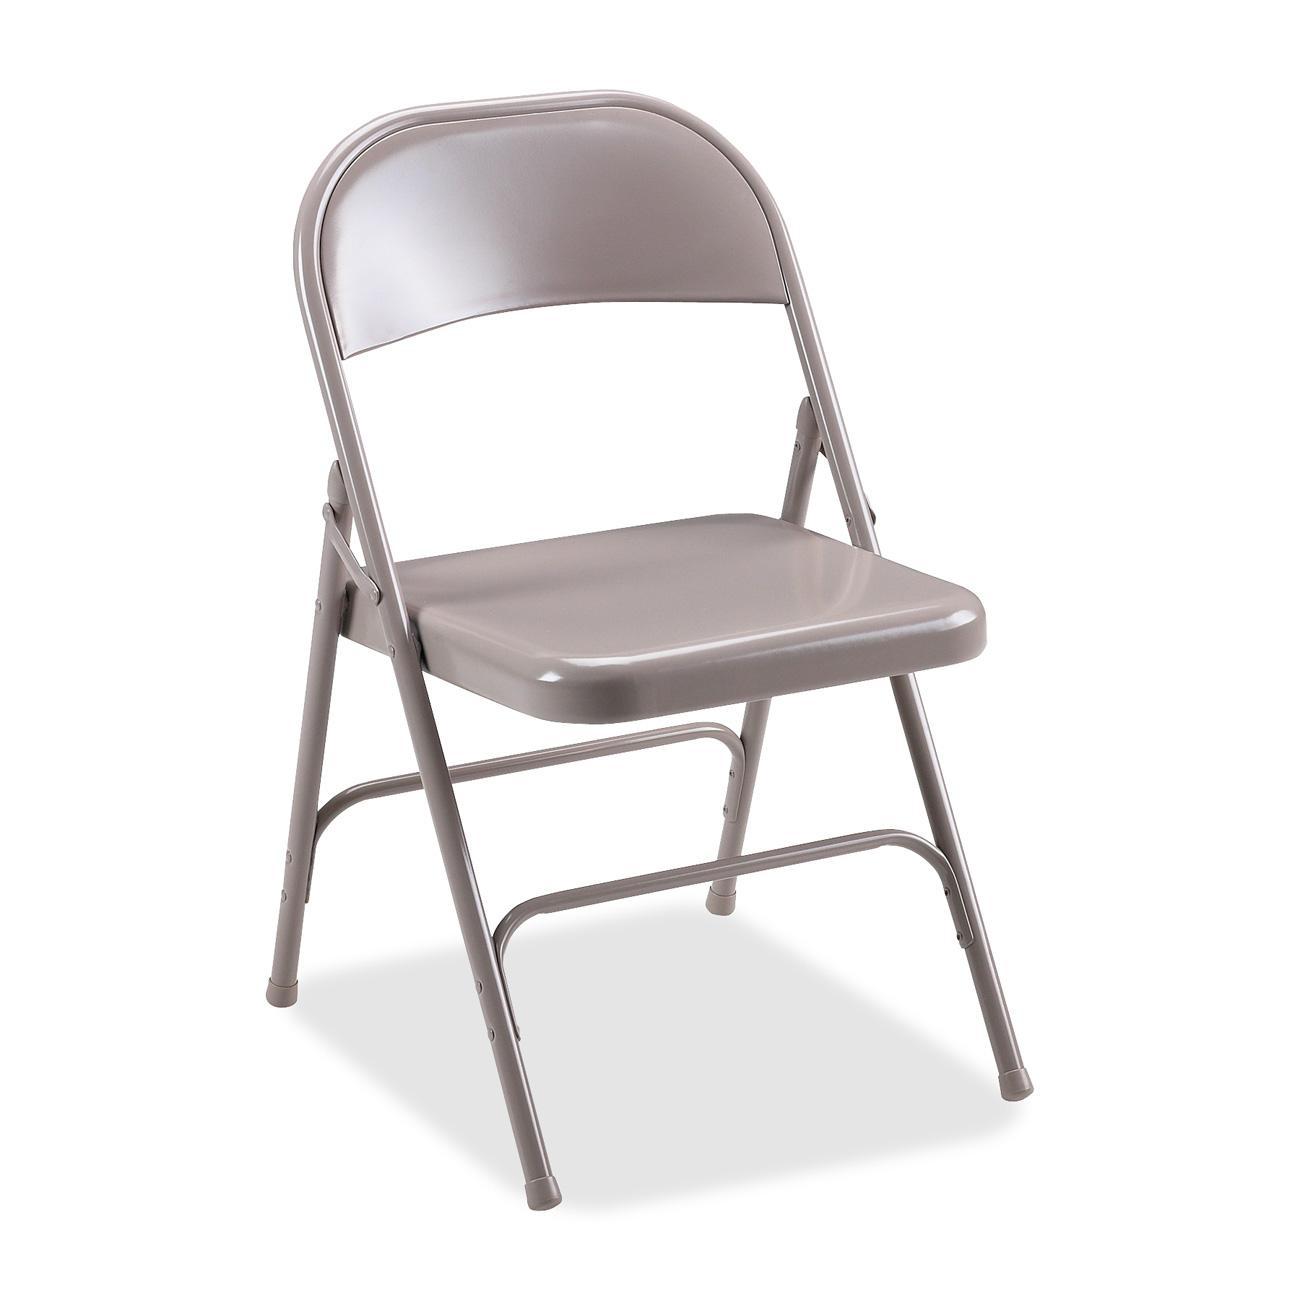 metal chairs metal chair - the fun train party rentals HIPQHZU